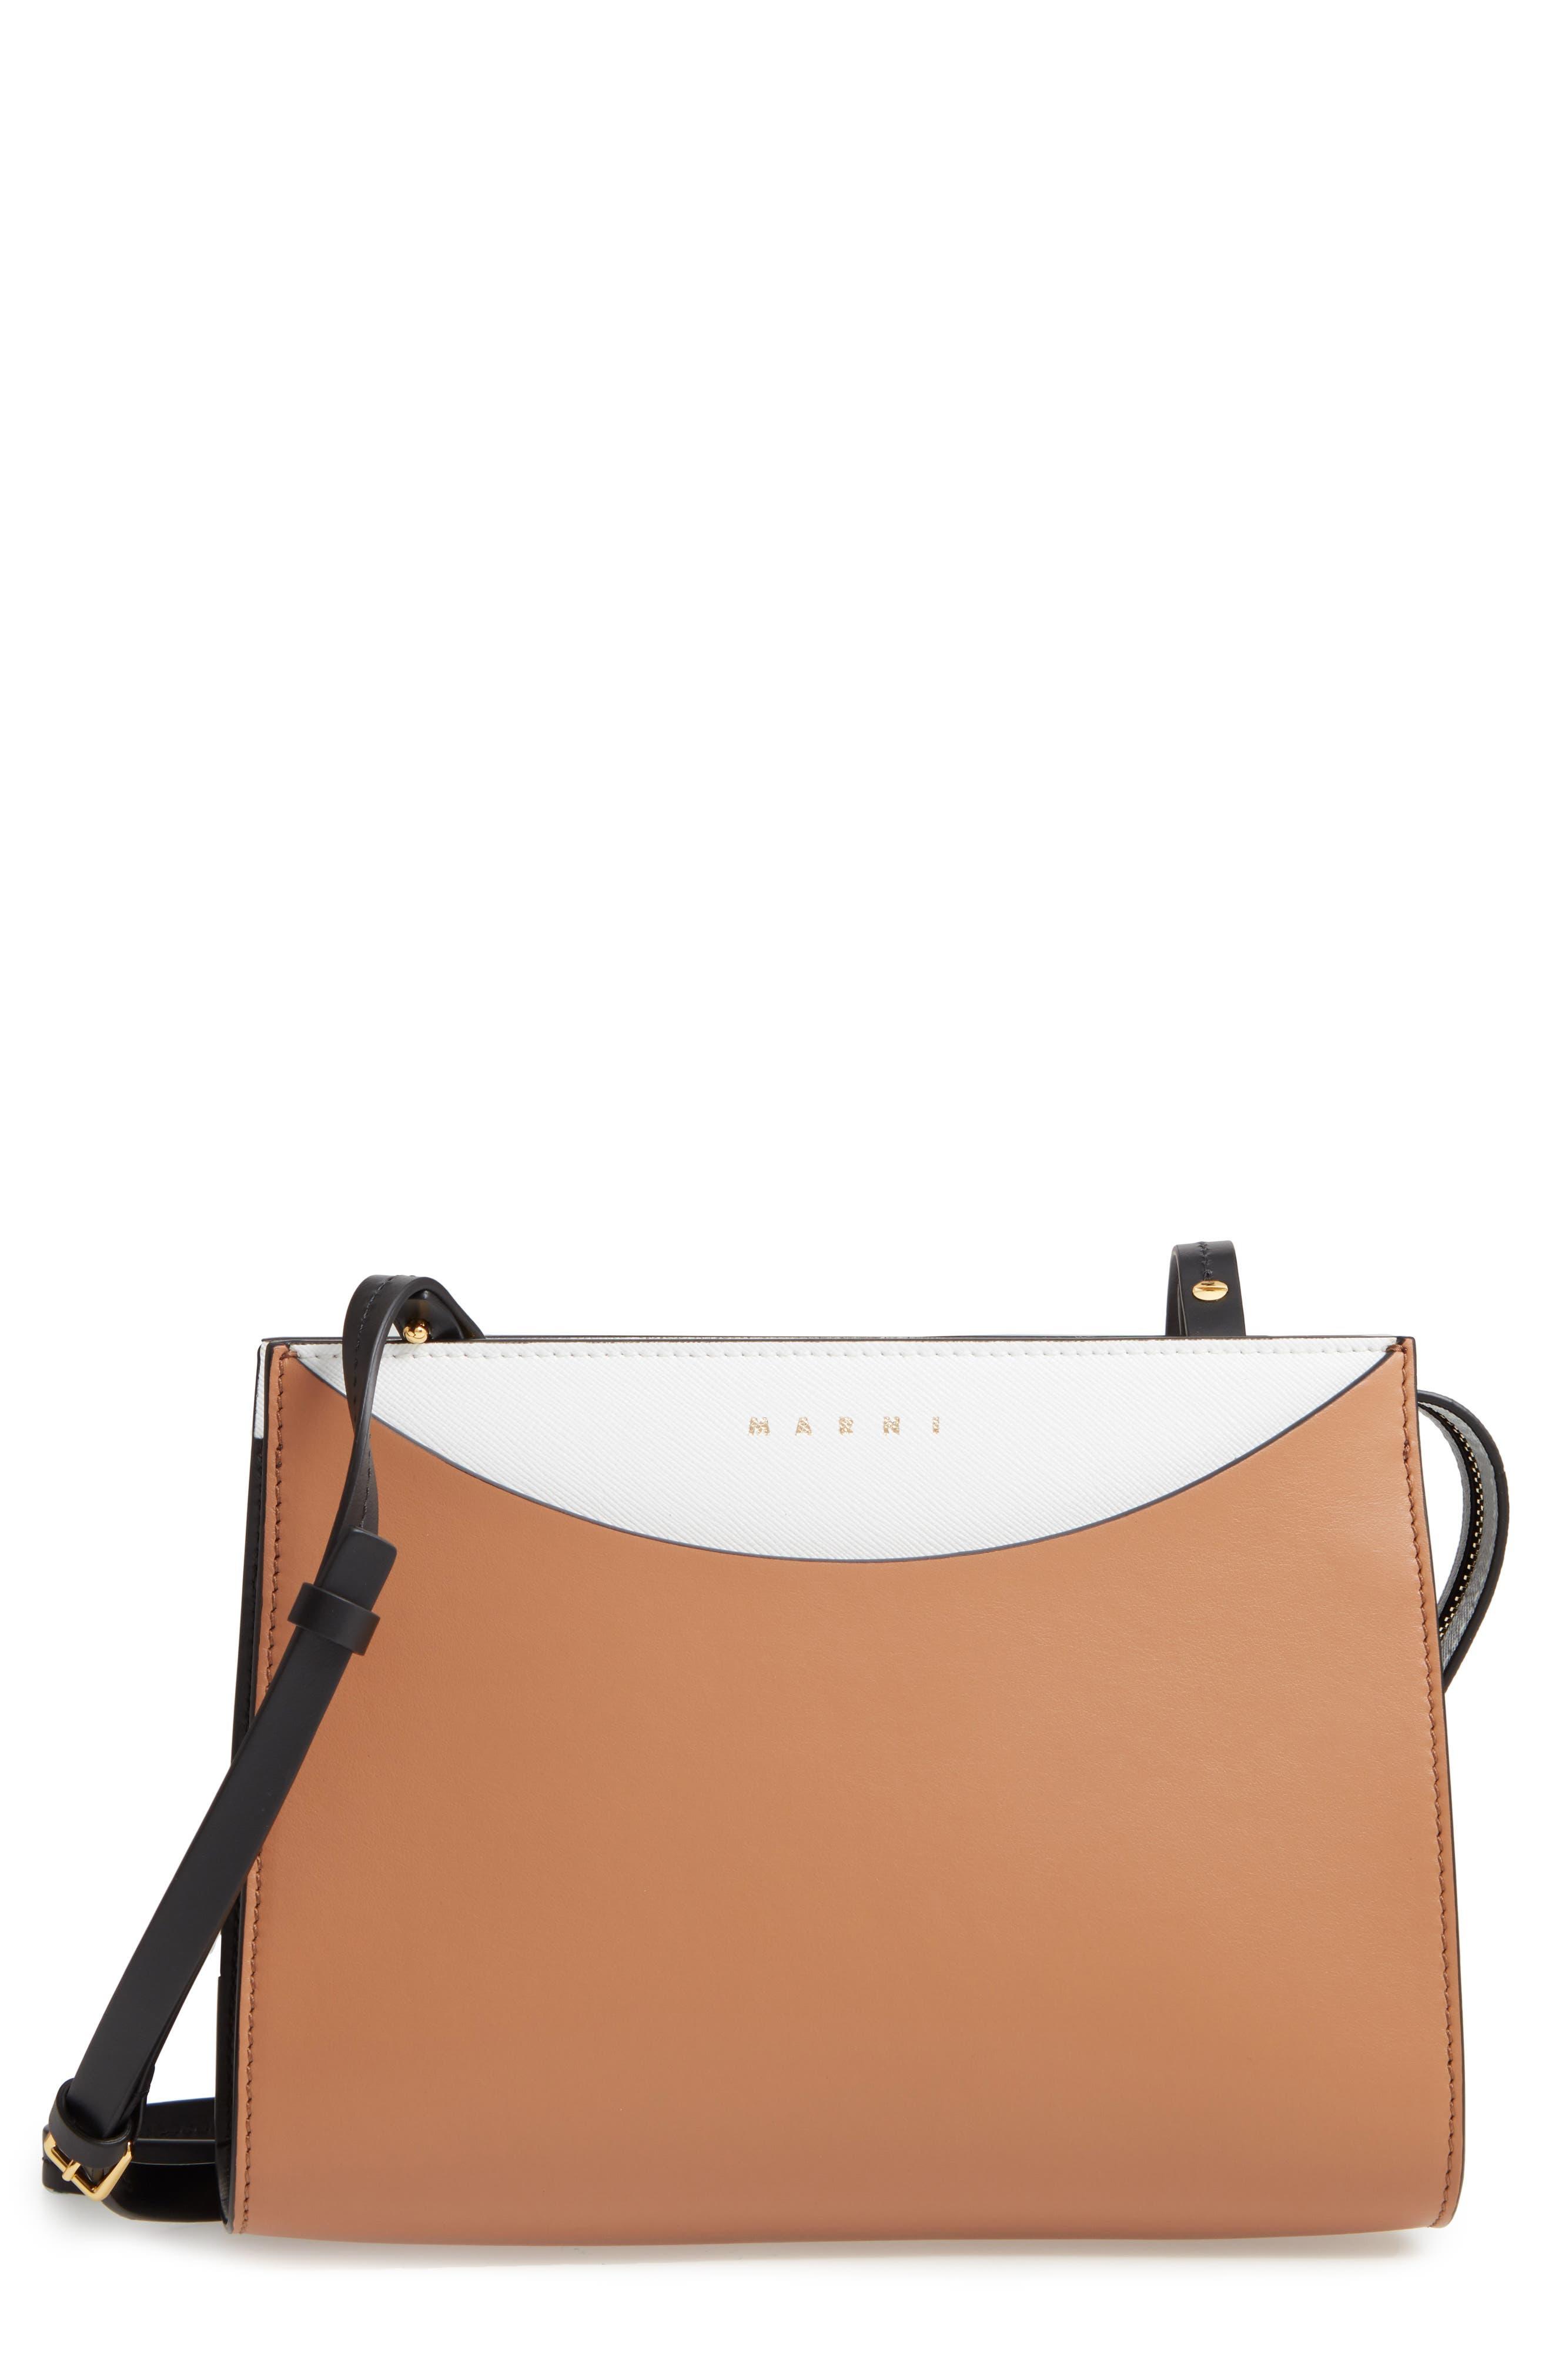 MARNI Law Colorblock Leather Clutch, Main, color, POMPEII/ LIMESTONE/ BLACK